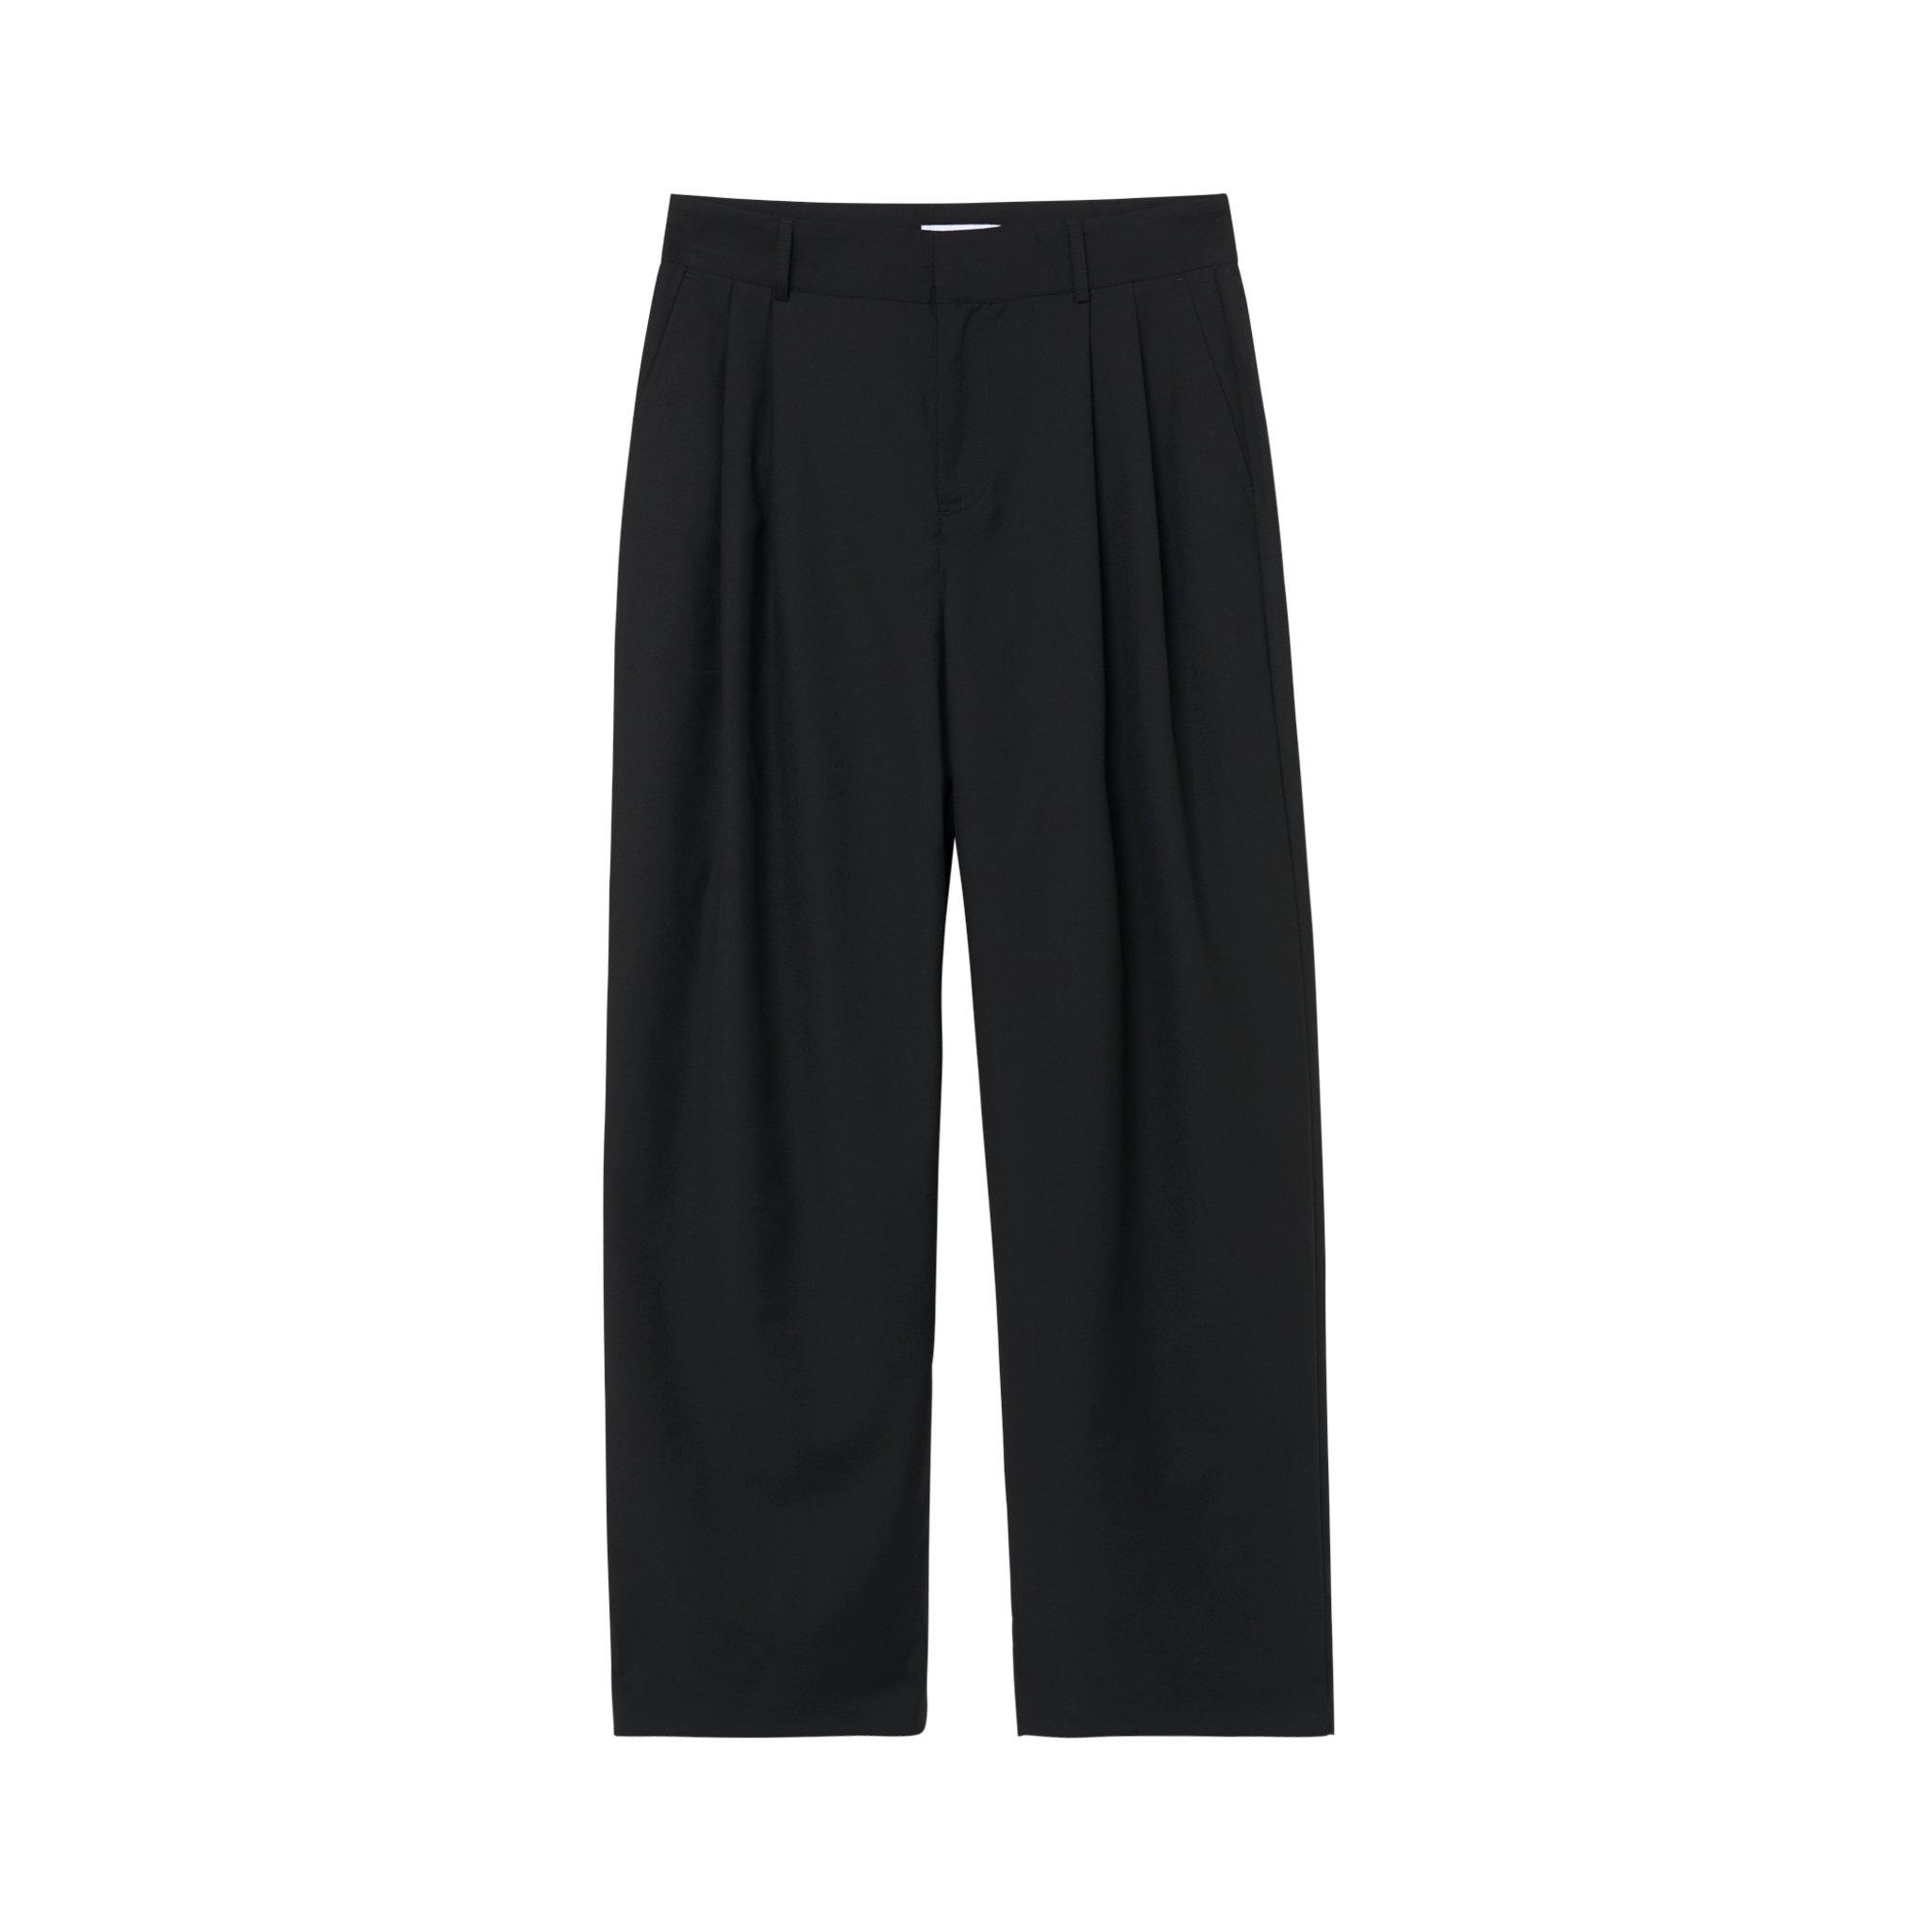 Byxor Vesta - Kostymbyxor - Köp online på åhlens.se! 0f065139ad499